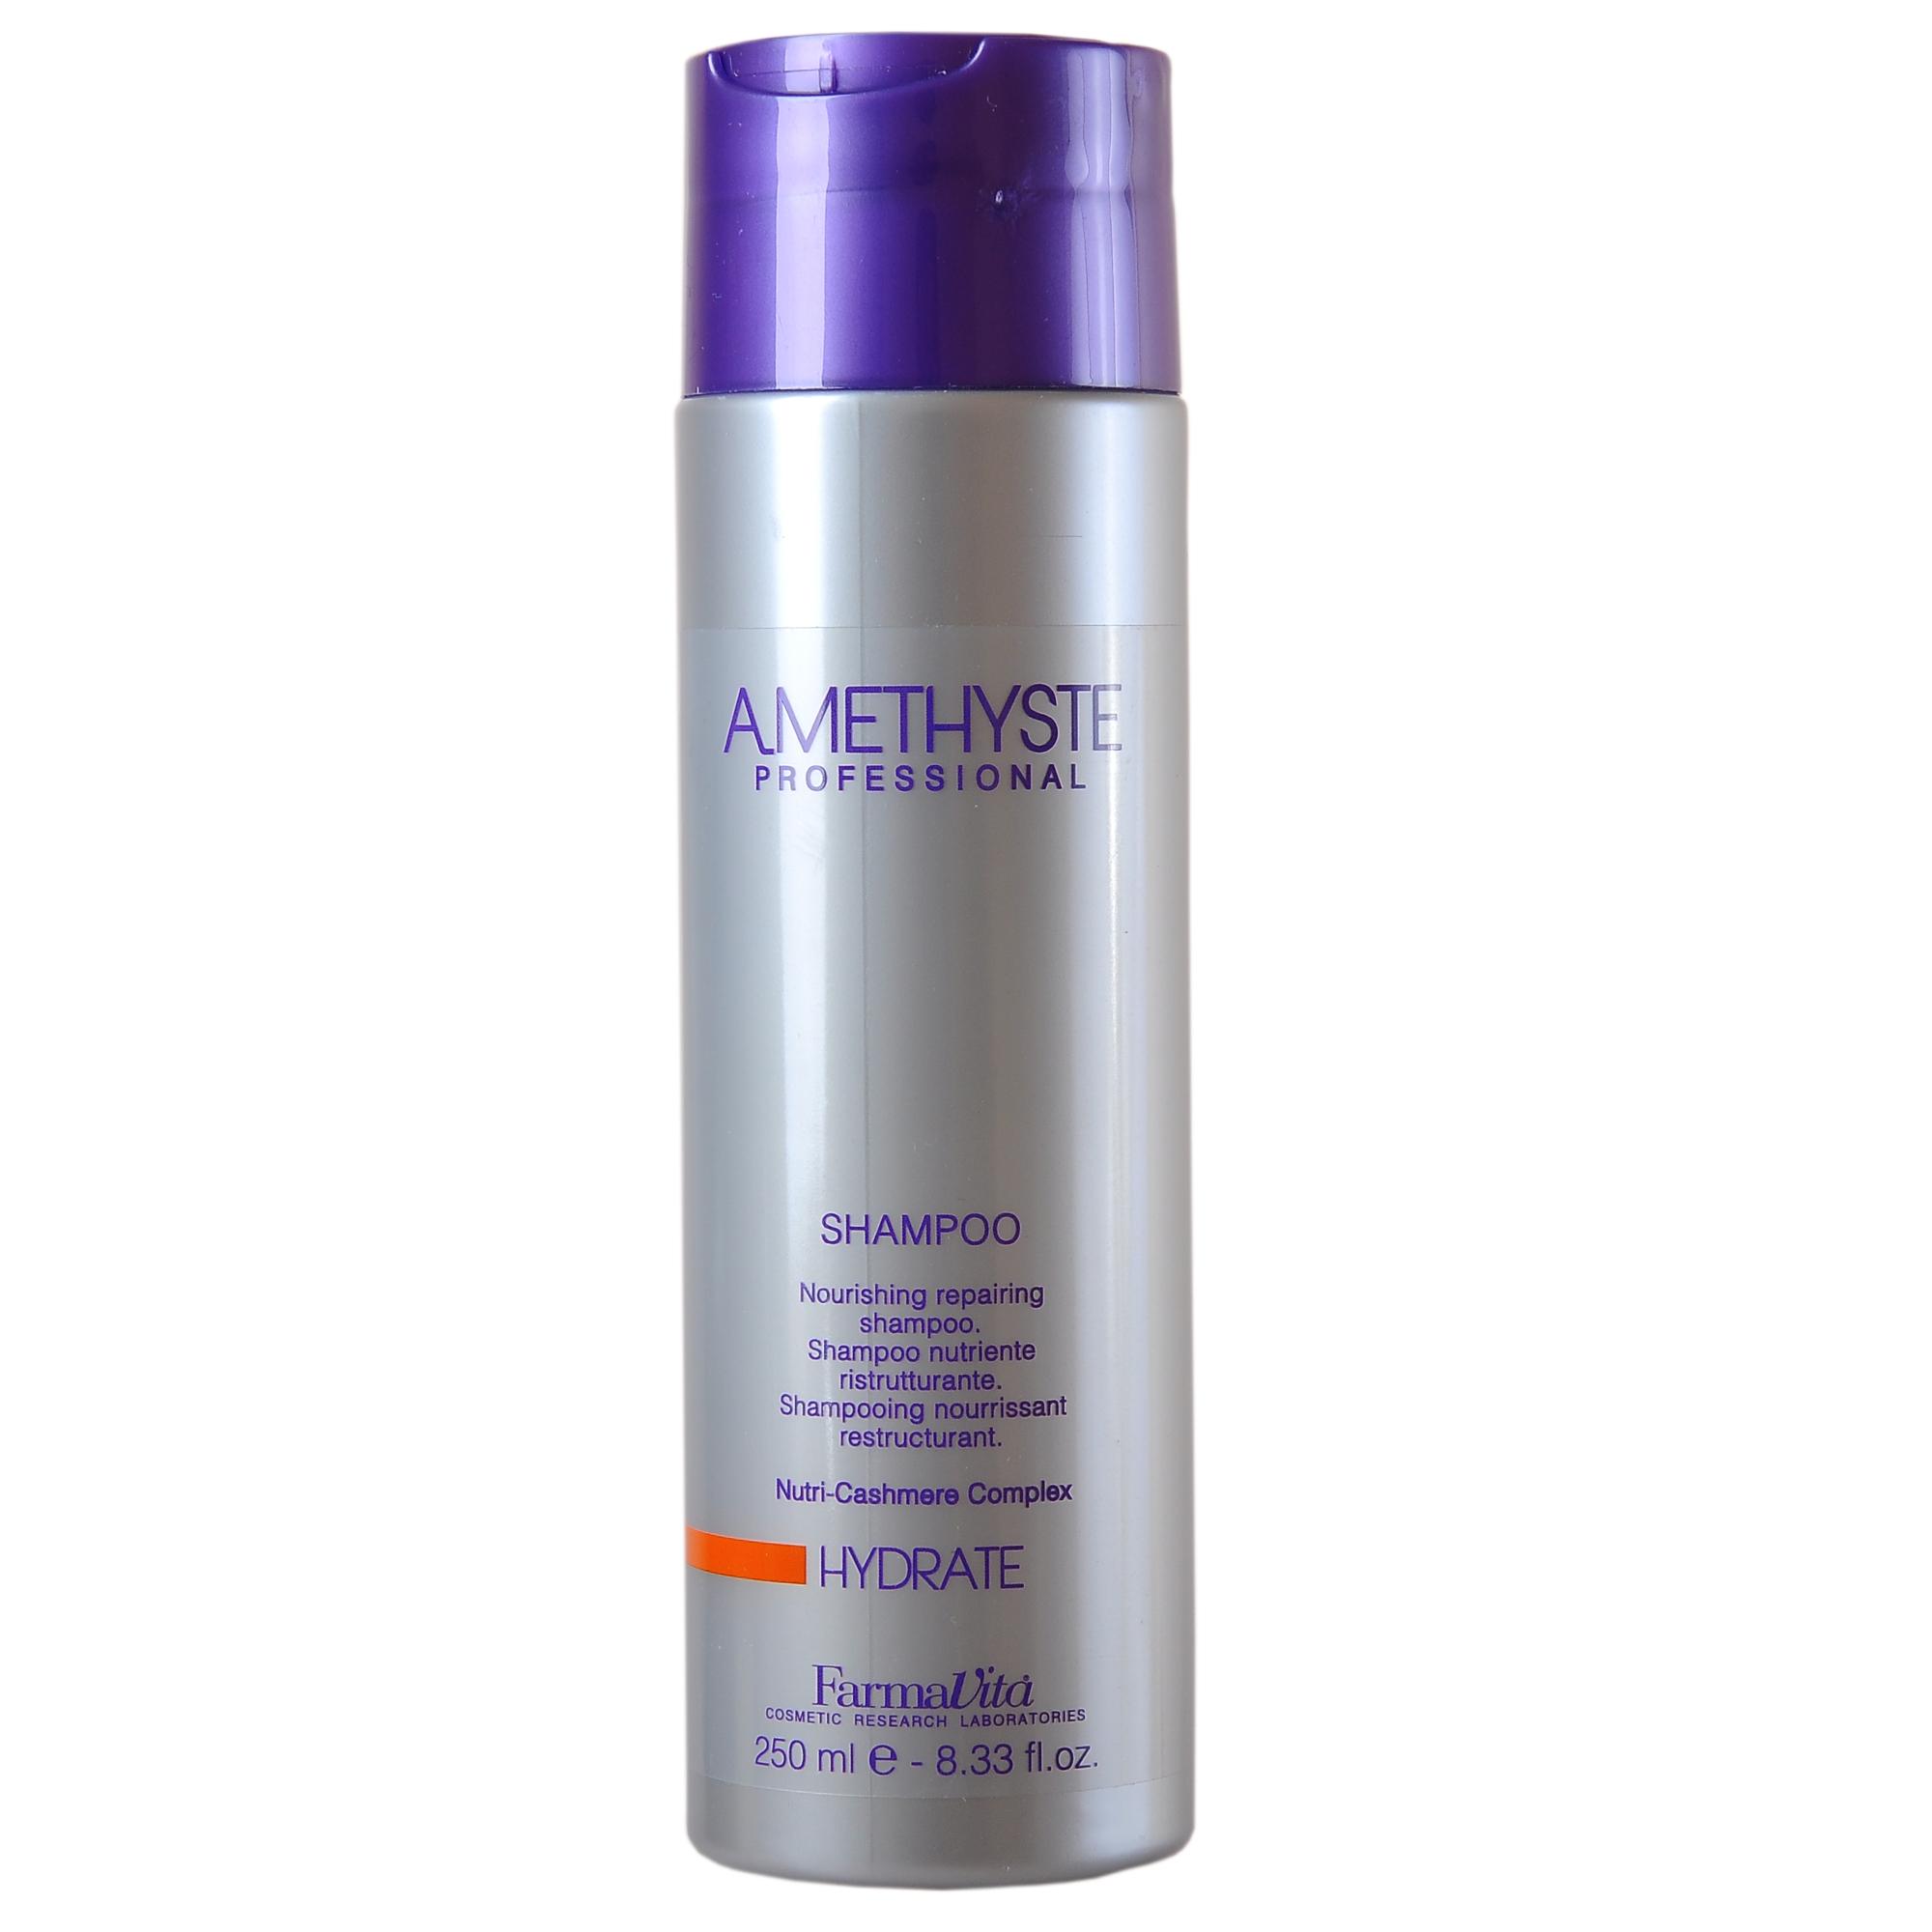 FARMAVITA Шампунь увлажн д/сухих и ослабленных волос Amethyste hydrate shampoo / AMETHYSTE PROFESSIONAL 250 млШампуни<br>Увлажняющий шампунь Amethyste Hydrate для сухих и ослабленных волос помогает восстановить структуру волос и регулирует естественный баланс влаги. Волосы становятся мягкими, легкими и блестящими. Содержит комплекс Nutri-Cashmere, который обеспечивает интенсивный блеск, улучшает текстуру волос и заметно смягчает волосы. В этом роскошном средстве заключается секрет удивительно мягких и соблазнительных волос, блестящих как солнечные лучи. Протеин кашемира защищает волосы, обволакивая их пленкой, восстанавливает водный баланс. Активные ингредиенты: комплекс Nutri-Cashmere: Протеины кашемира - защищают волосы благодаря своим уплотняющим свойствам. Протеины имеют высокую молекулярную массу и аминокислотный состав. Способны поглощать и удерживать молекулы воды, позволяя восстанавливать и поддерживать правильный баланс влаги и придавать волосам насыщенный блеск. Глицерин - укрепляет и увлажняет. Пантенол - глубоко проникает в структуру и позволяет сбалансировать естественный уровень влаги в волосах. Способ применения: равномерно нанести шампунь на увлажненные волосы и кожу головы. Вспенить, распределить аккуратными массажными движениями. Смыть. При необходимости процедуру повторить. Для получения оптимального результата побалуйте себя SPA-процедурой Роскошный кашемир - очищение, питание, яркость. Результат - красивые, мягкие и блестящие волосы! 1 шаг: очищение волос и кожи головы шампунем Amethyste Hydrate. Нанесите шампунь на влажные волосы и кожу головы, вспеньте, сделайте легкий массаж в течение нескольких минут. Тщательно смойте шампунь. 2 шаг: питание с маской Amethyste Hydrate. Слегка подсушите волосы полотенцем, равномерно нанесите маску на волосы, выдержите несколько минут, тщательно смойте. 3 шаг: яркость, которую обеспечит волосам лосьон Amethyste Hydrate. Содержимое одной ампулы нанести на чистые влажные волосы, равномерно распределите по длине.